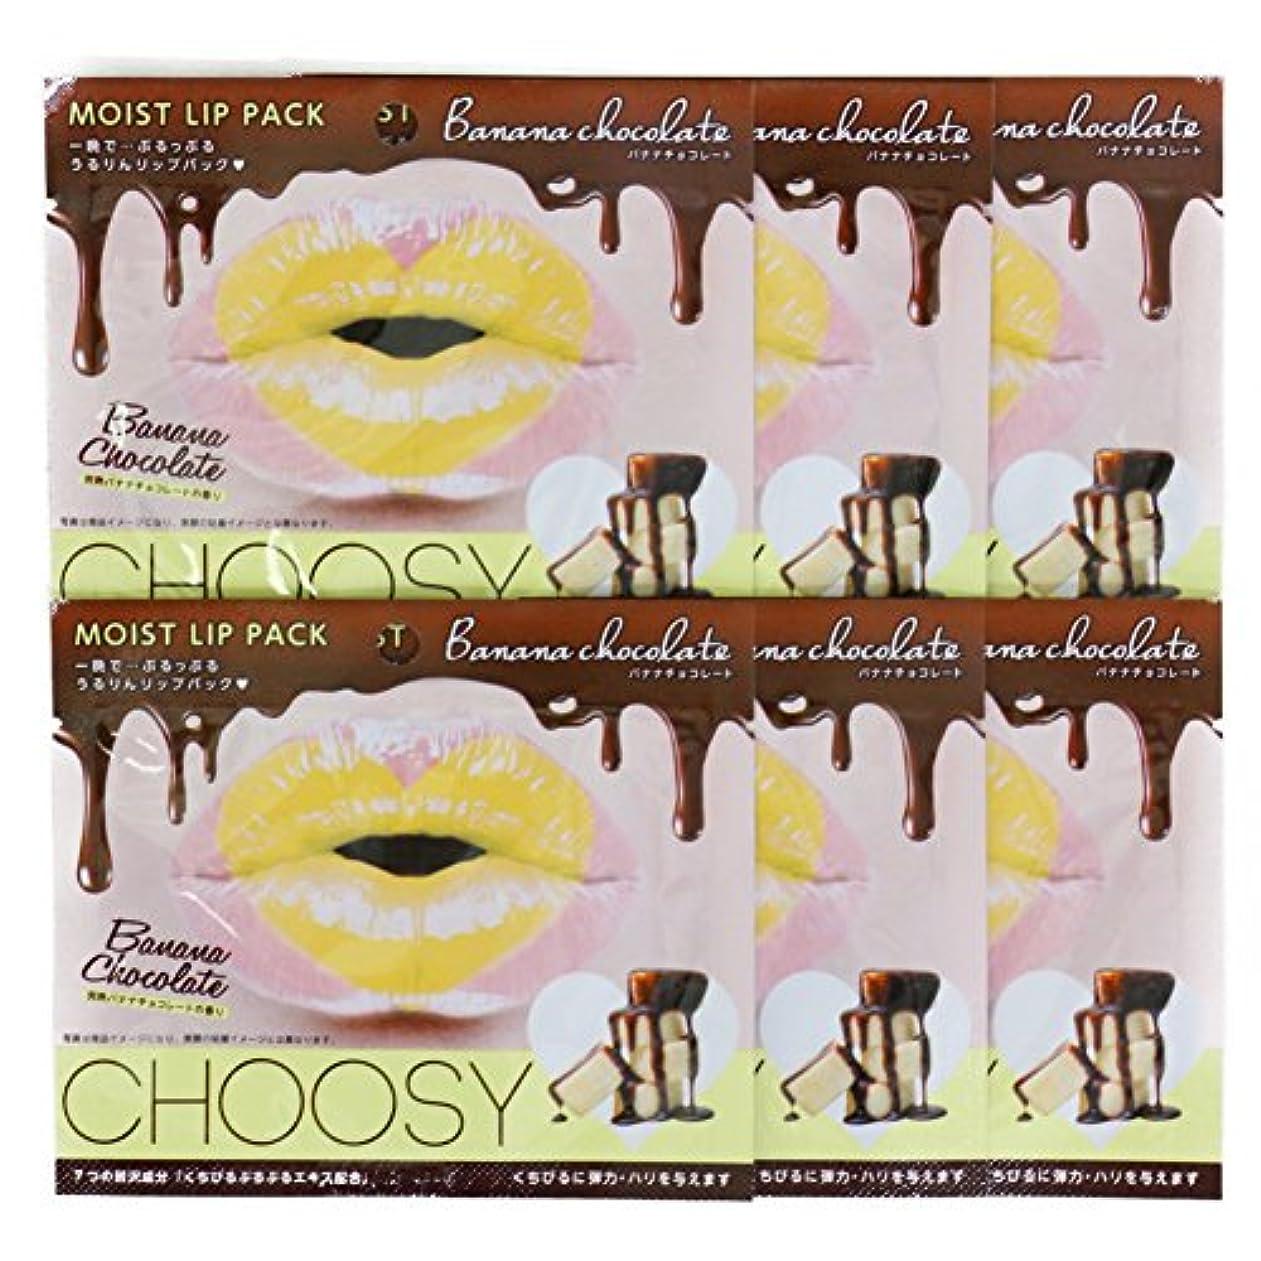 かまど麦芽燃やすCHOOSY チューシー リップパック バナナチョコレート 6枚セット